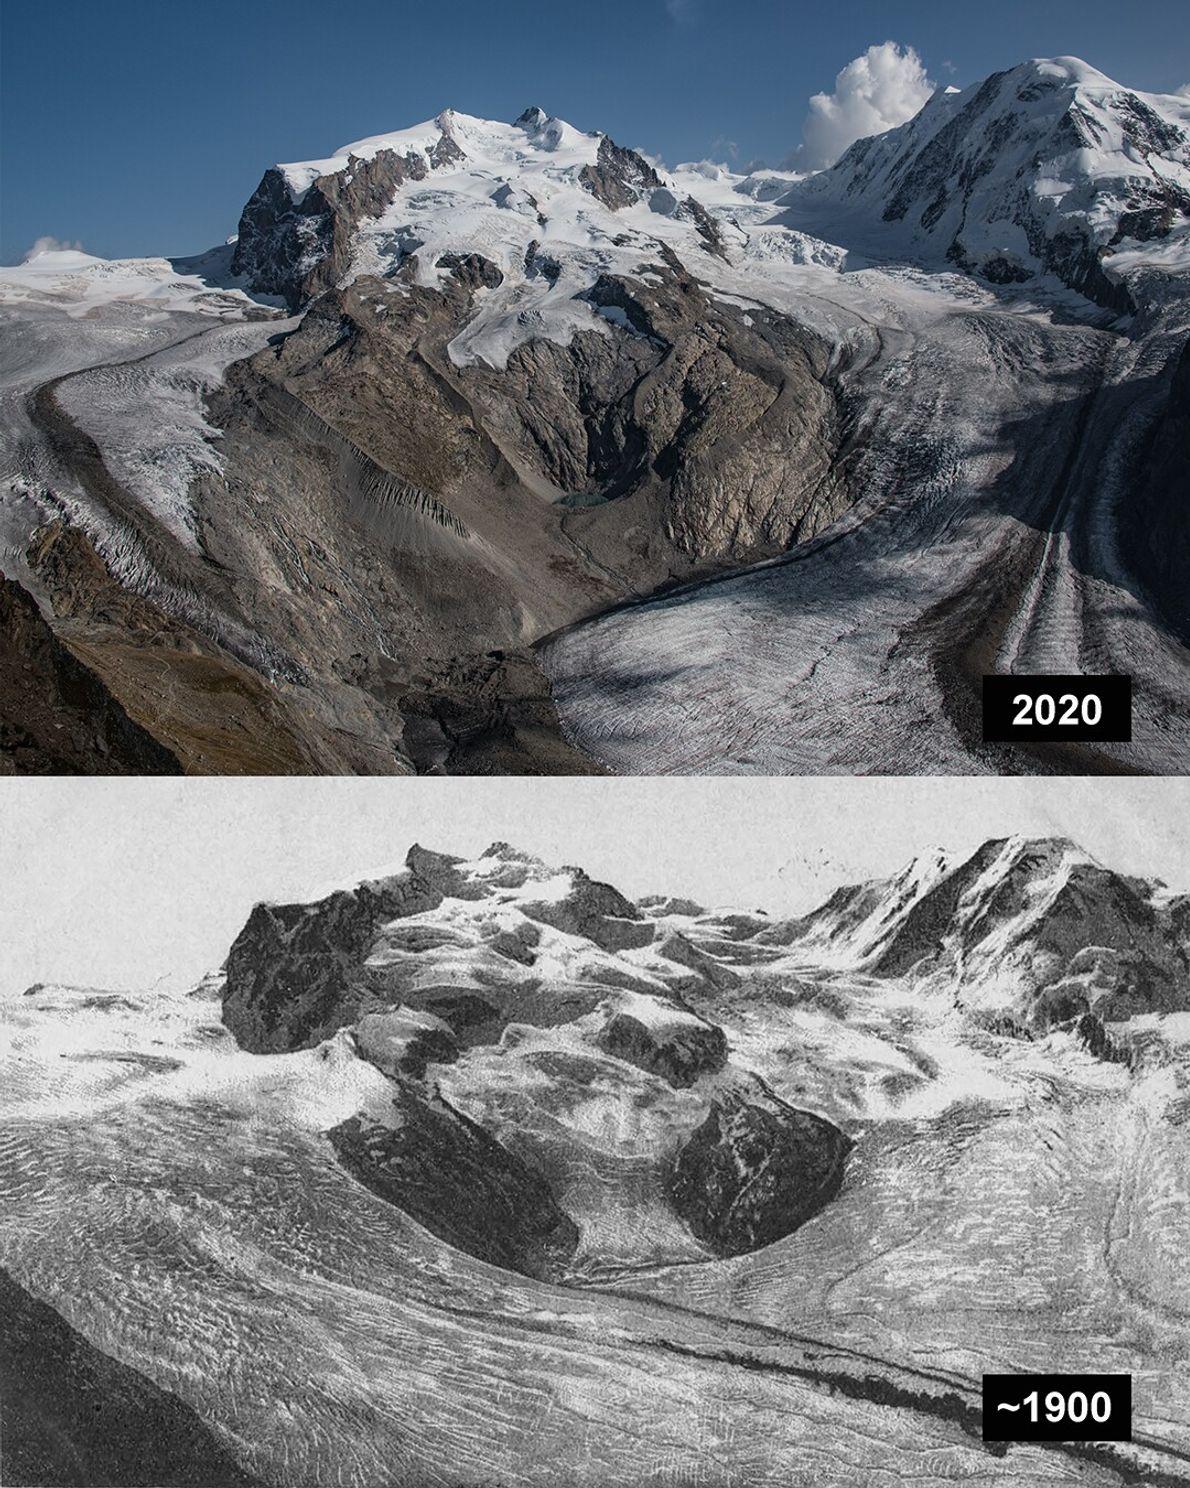 Gorner, Schweiz: Der Gornergletscher ist ein Talgletscher im Monte-Rosa-Massiv südöstlich von Zermatt und in den Walliser ...